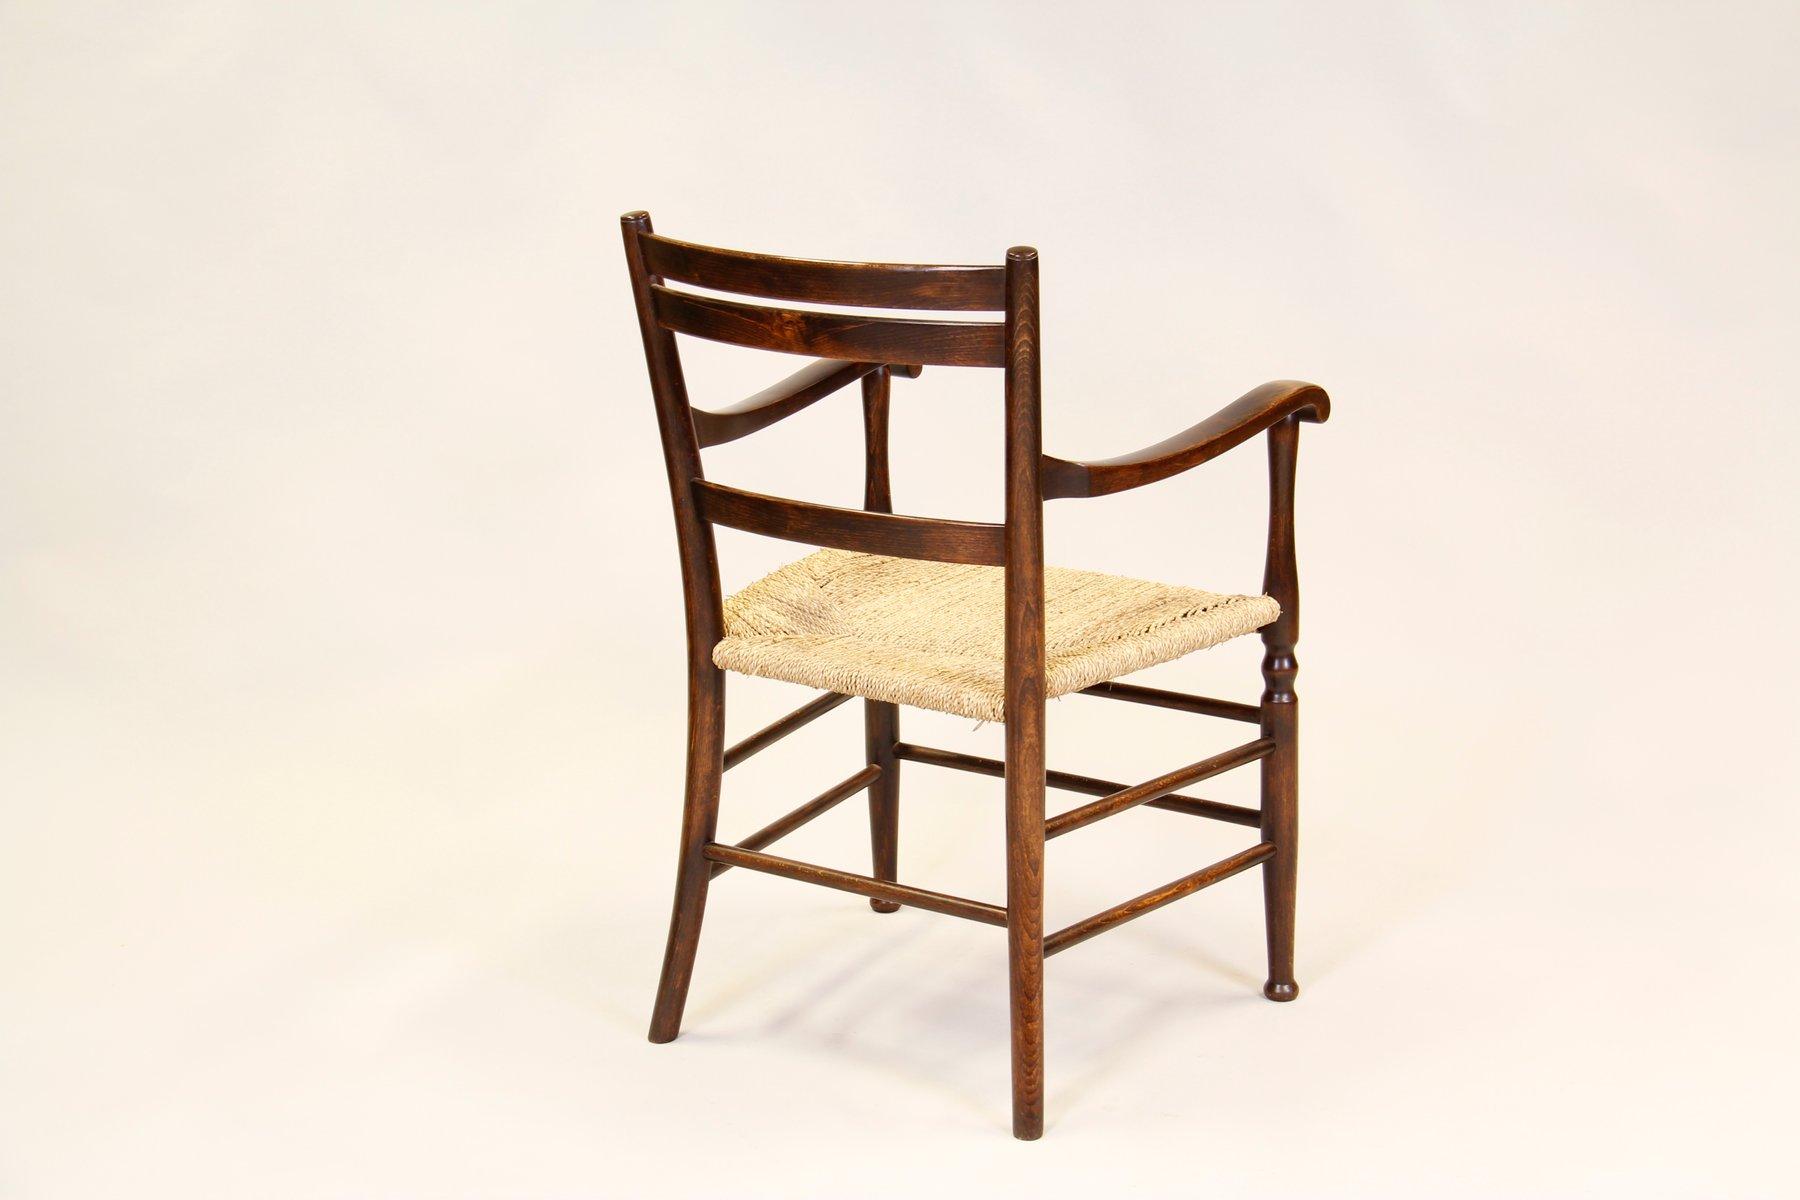 Chaise d 39 appoint en bouleau de gemla a b su de en vente for Chaise d appoint